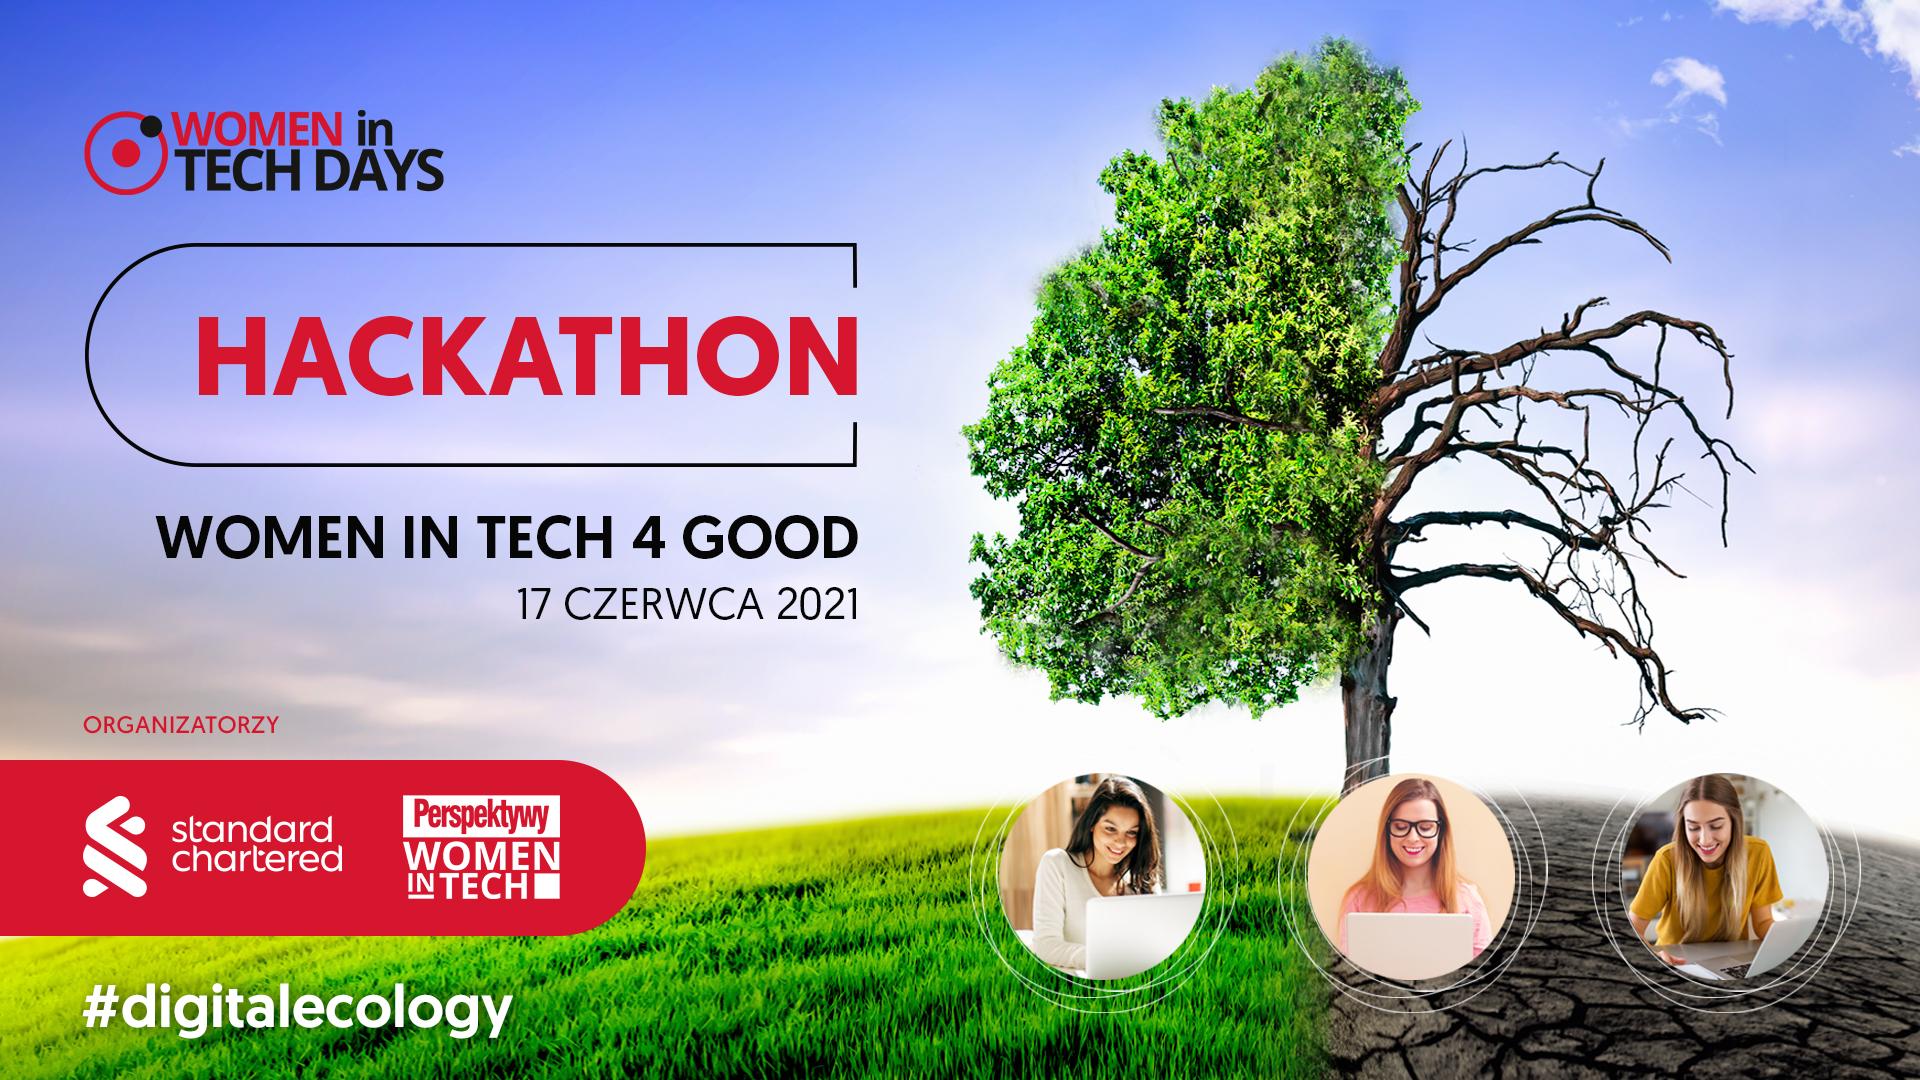 Women in Tech 4 Good